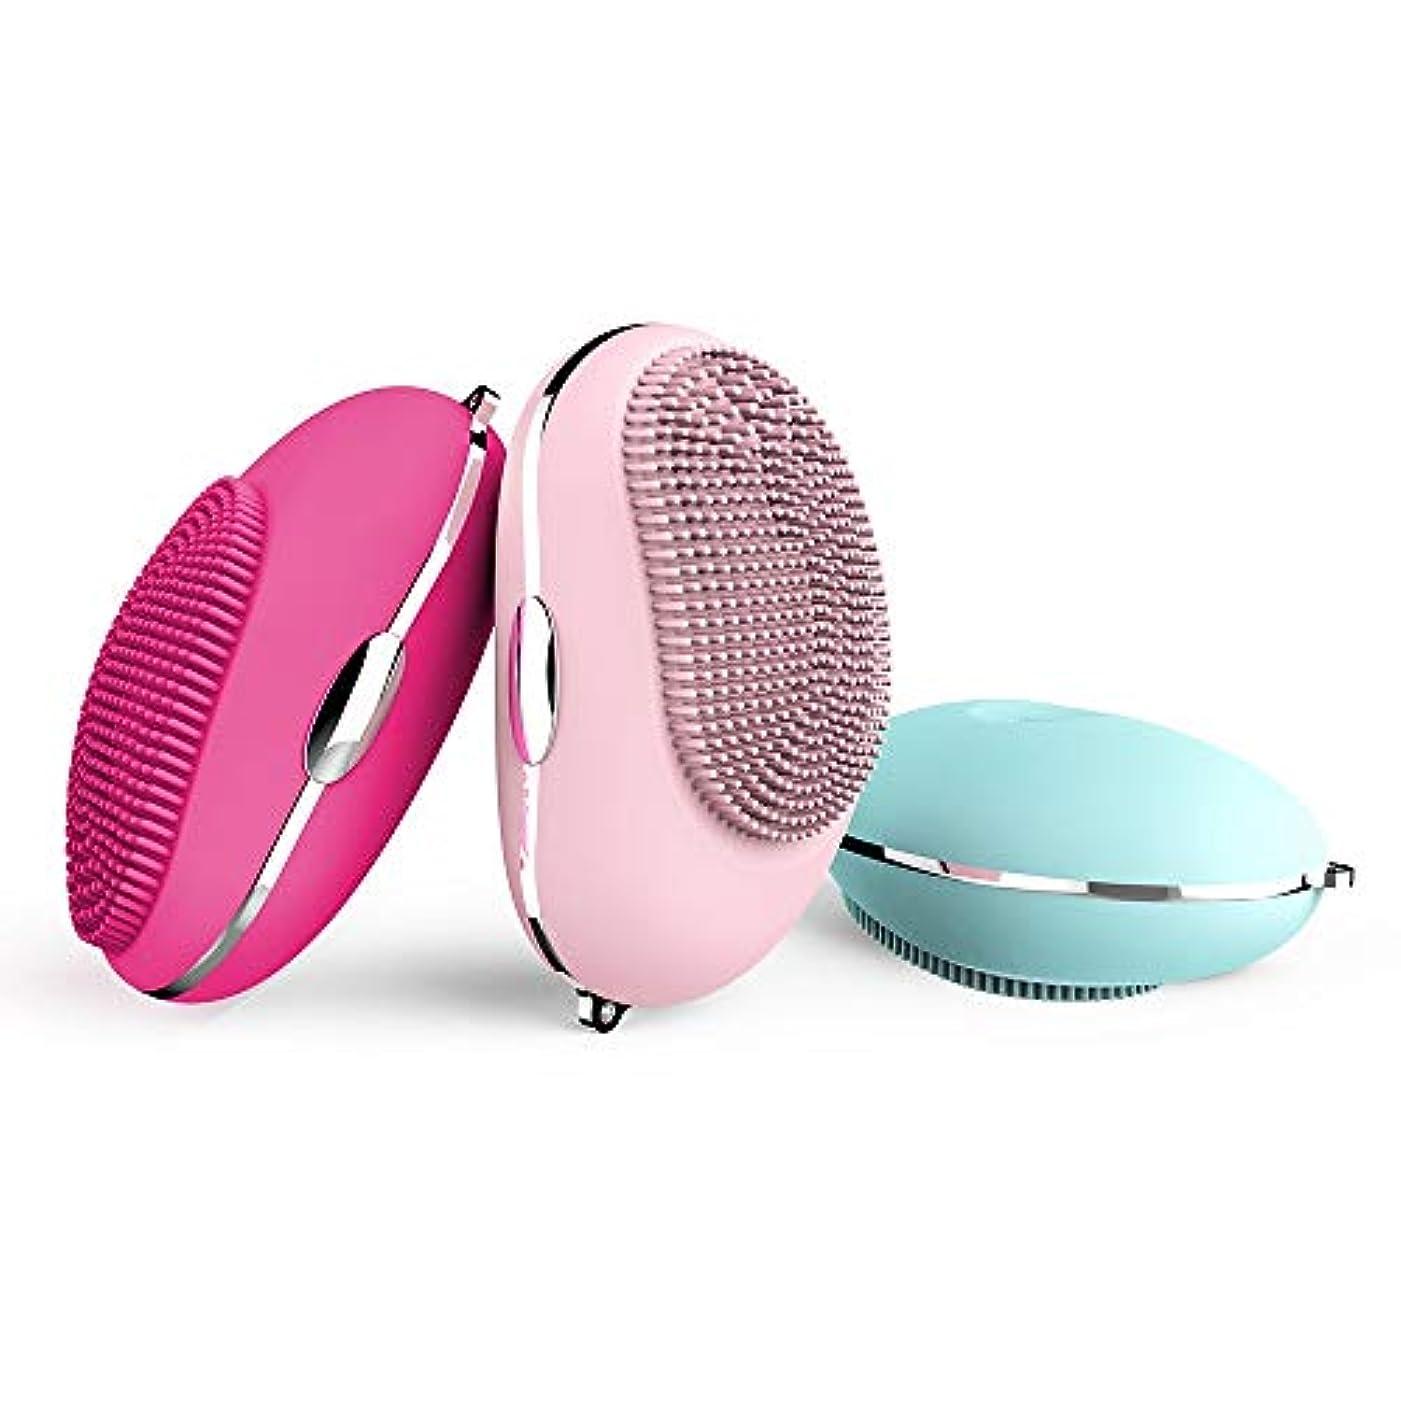 有毒電球サスペンドZXF 新電気防水シリコーンクレンジングブラシ超音波振動ポータブルクレンジング楽器マッサージ器美容器械 滑らかである (色 : Blue)